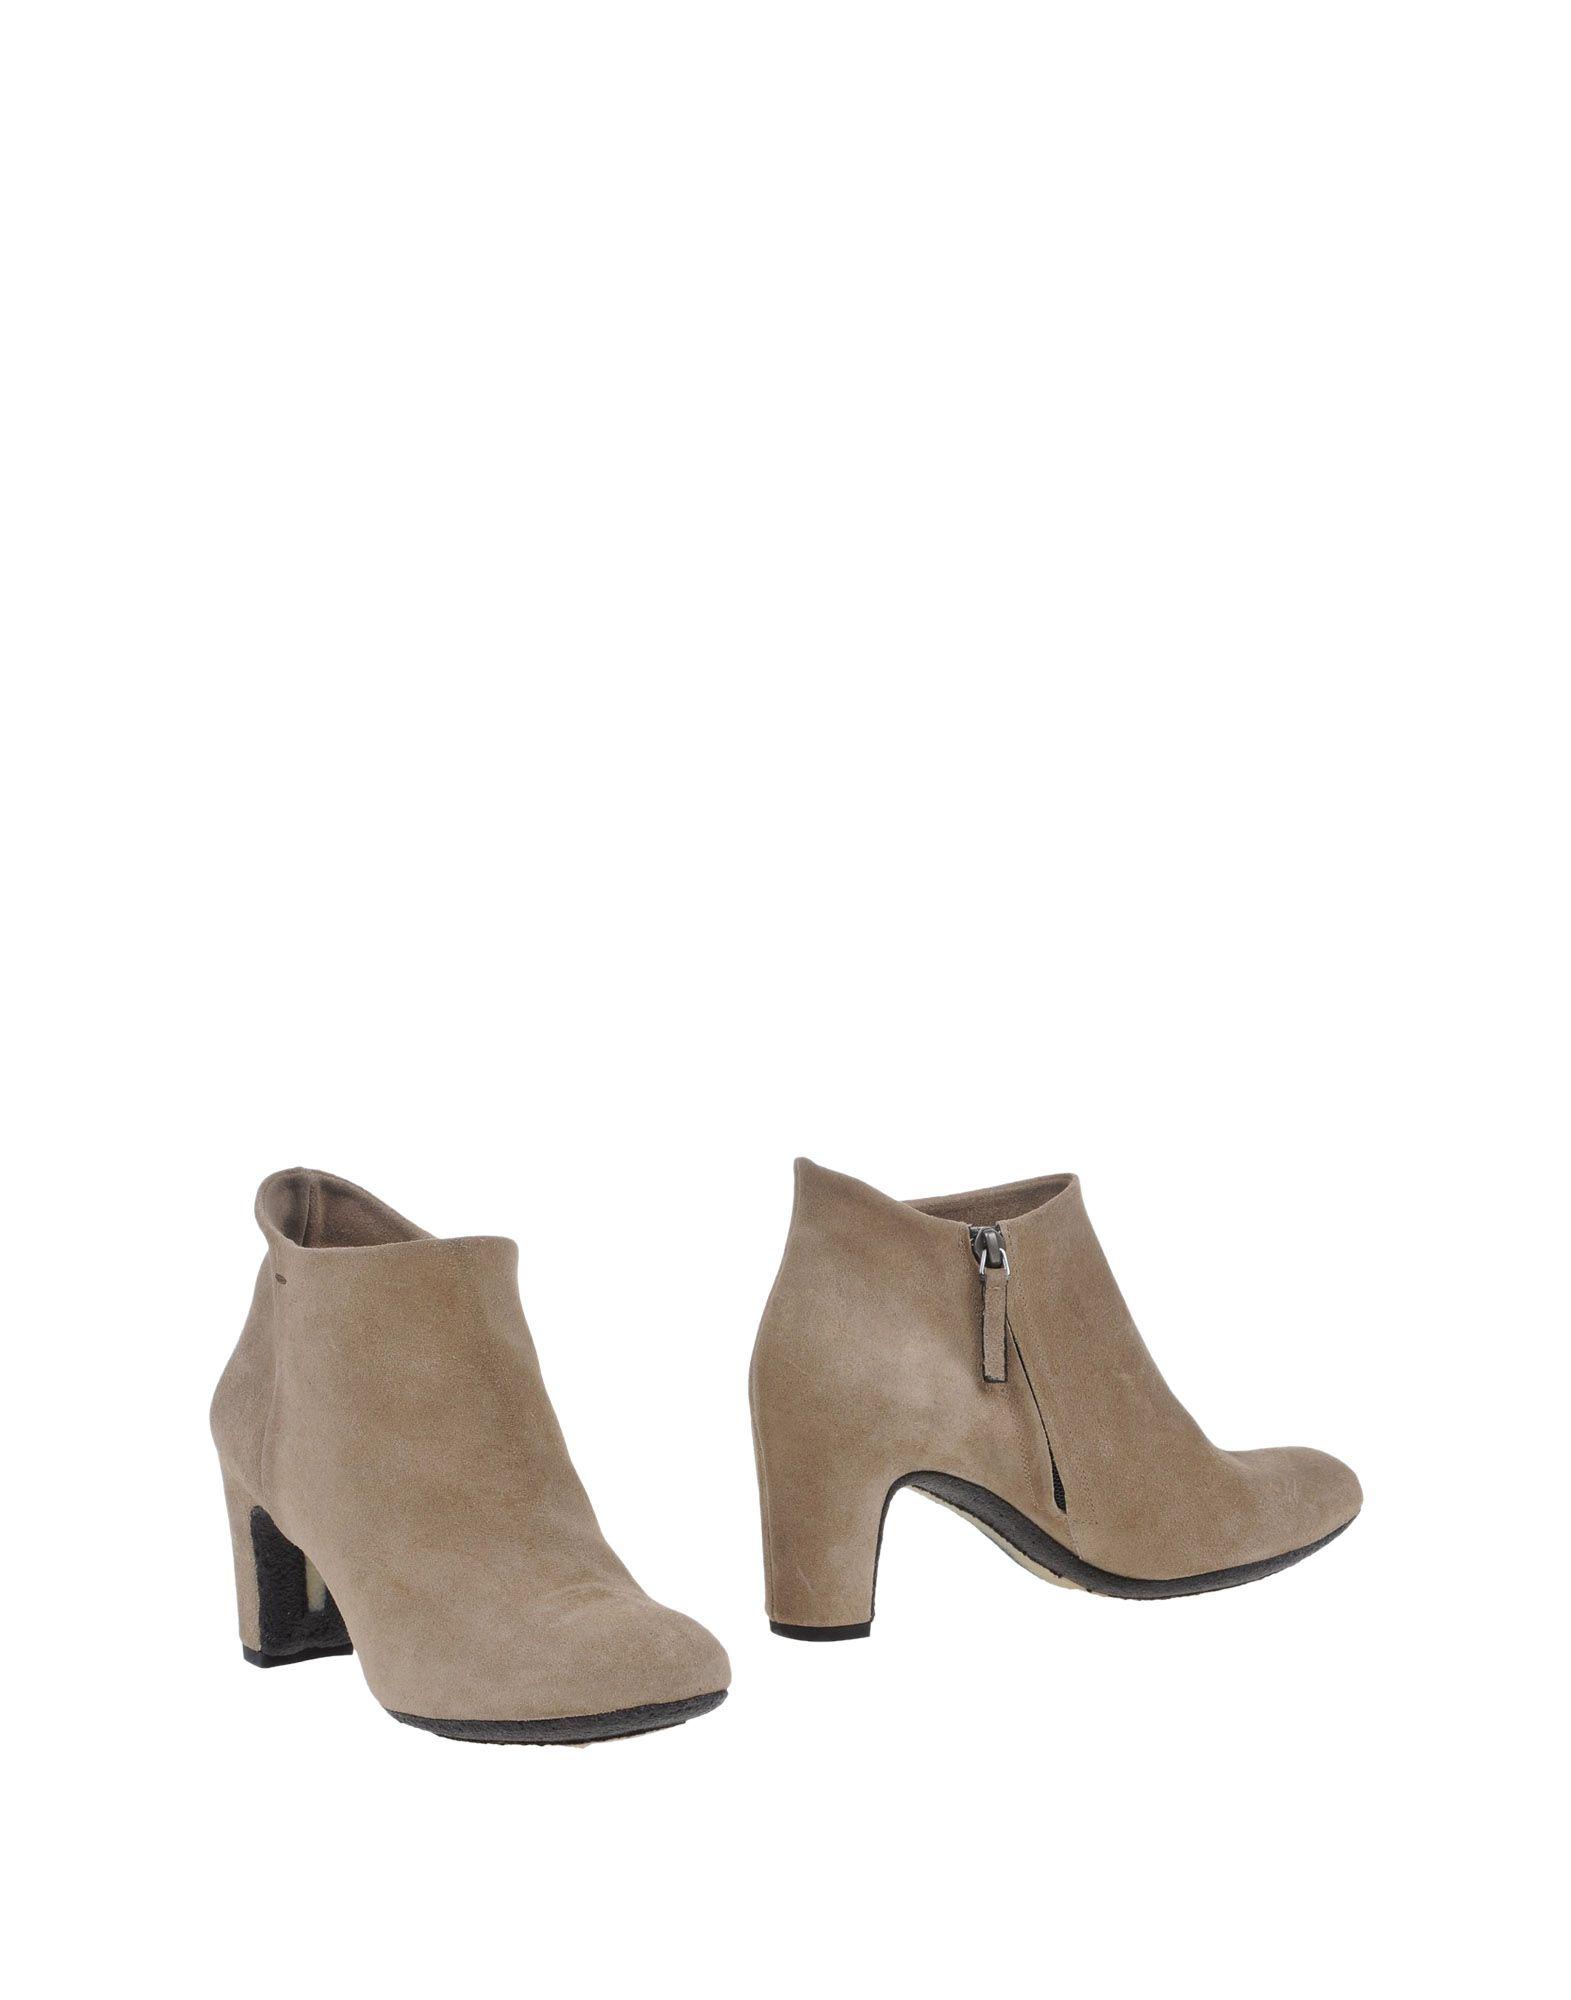 Bottine Roberto Del Carlo Femme - Bottines Roberto Del Carlo Beige Nouvelles chaussures pour hommes et femmes, remise limitée dans le temps